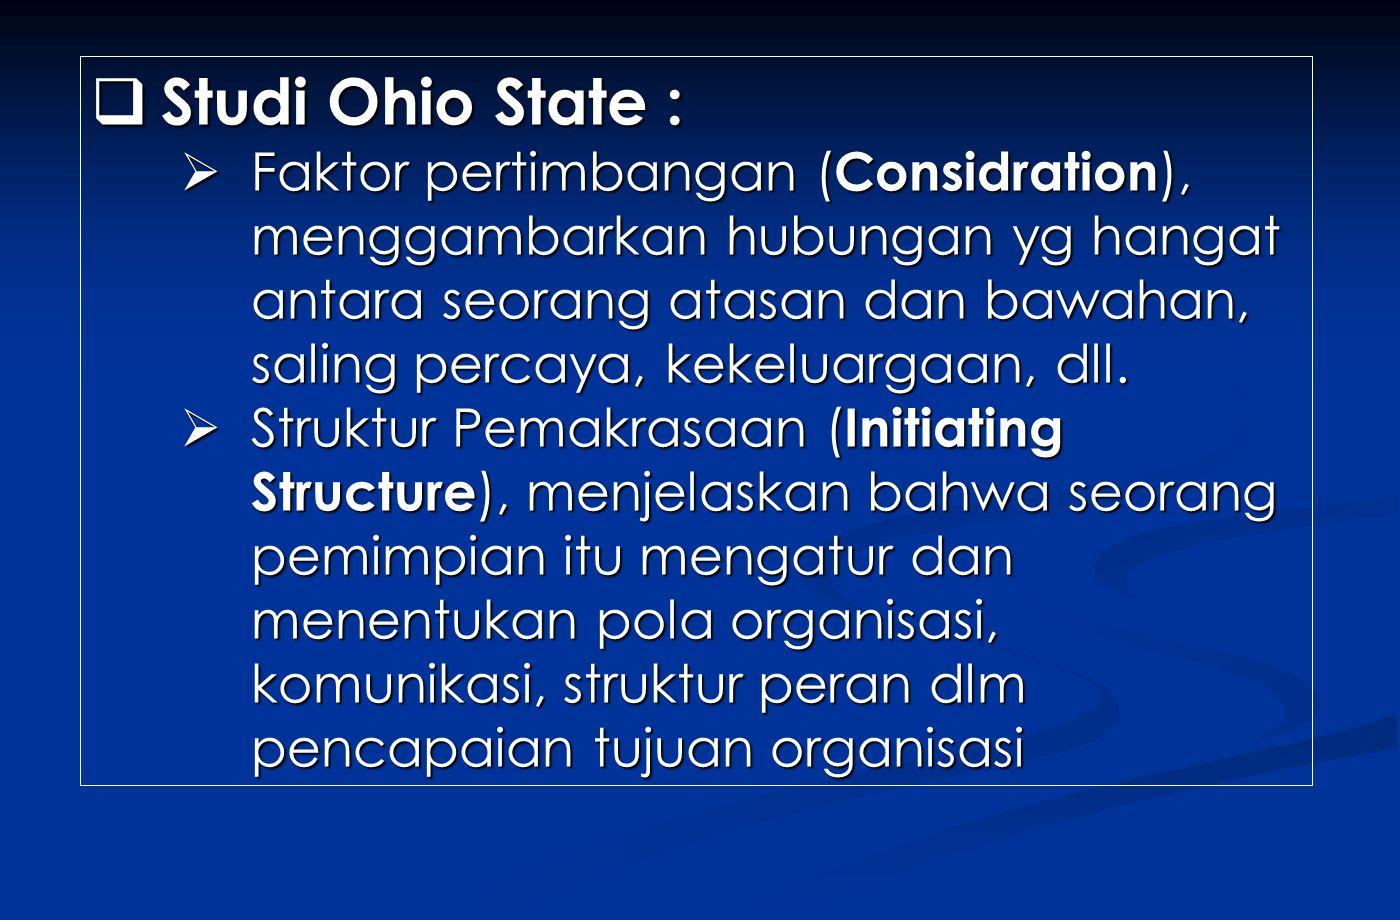 Studi Ohio State :